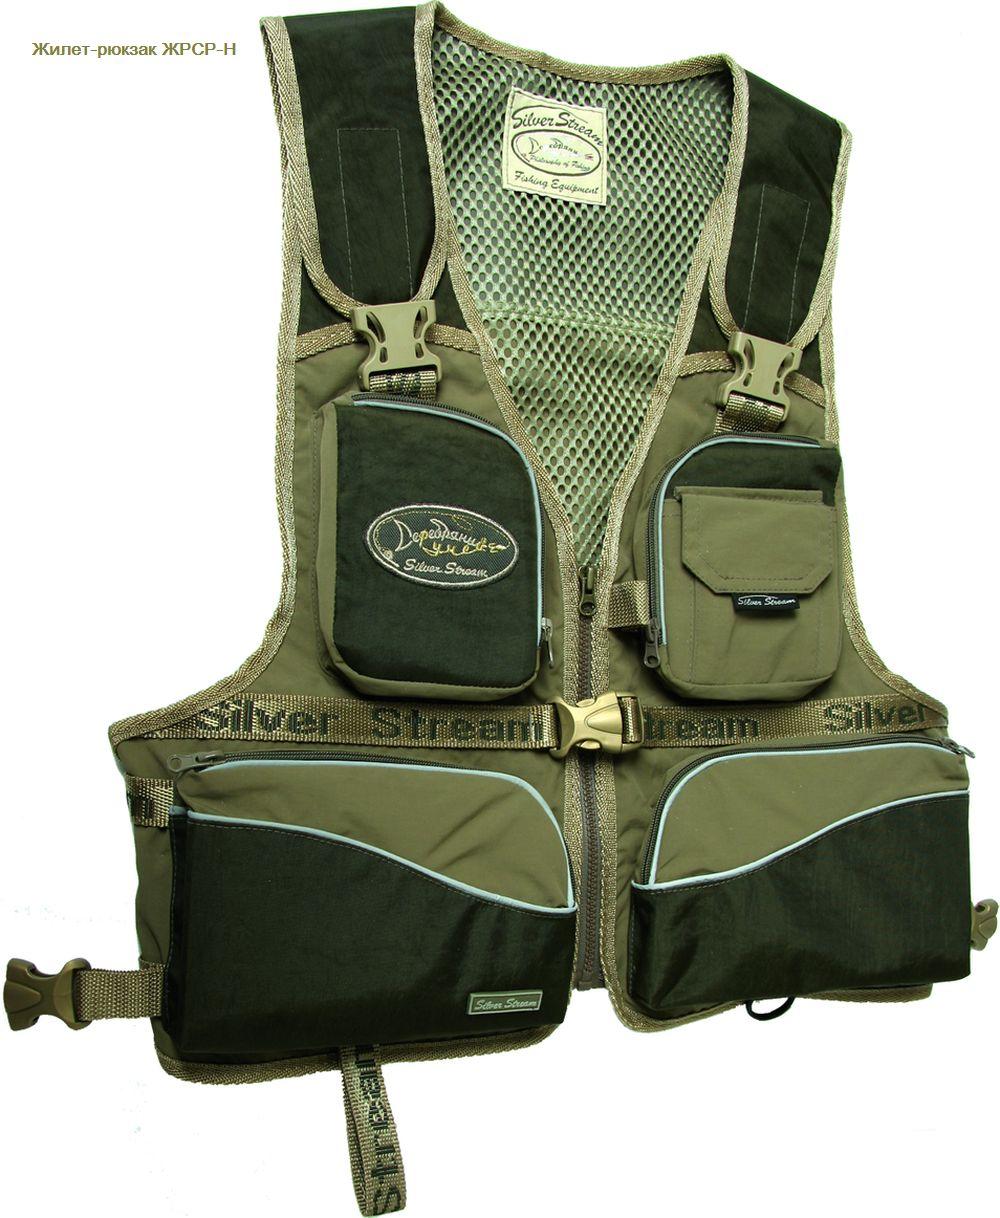 Жилет-рюкзак серебряный ручей жрср-н регулируемый ортопедические рюкзак какой выбрать